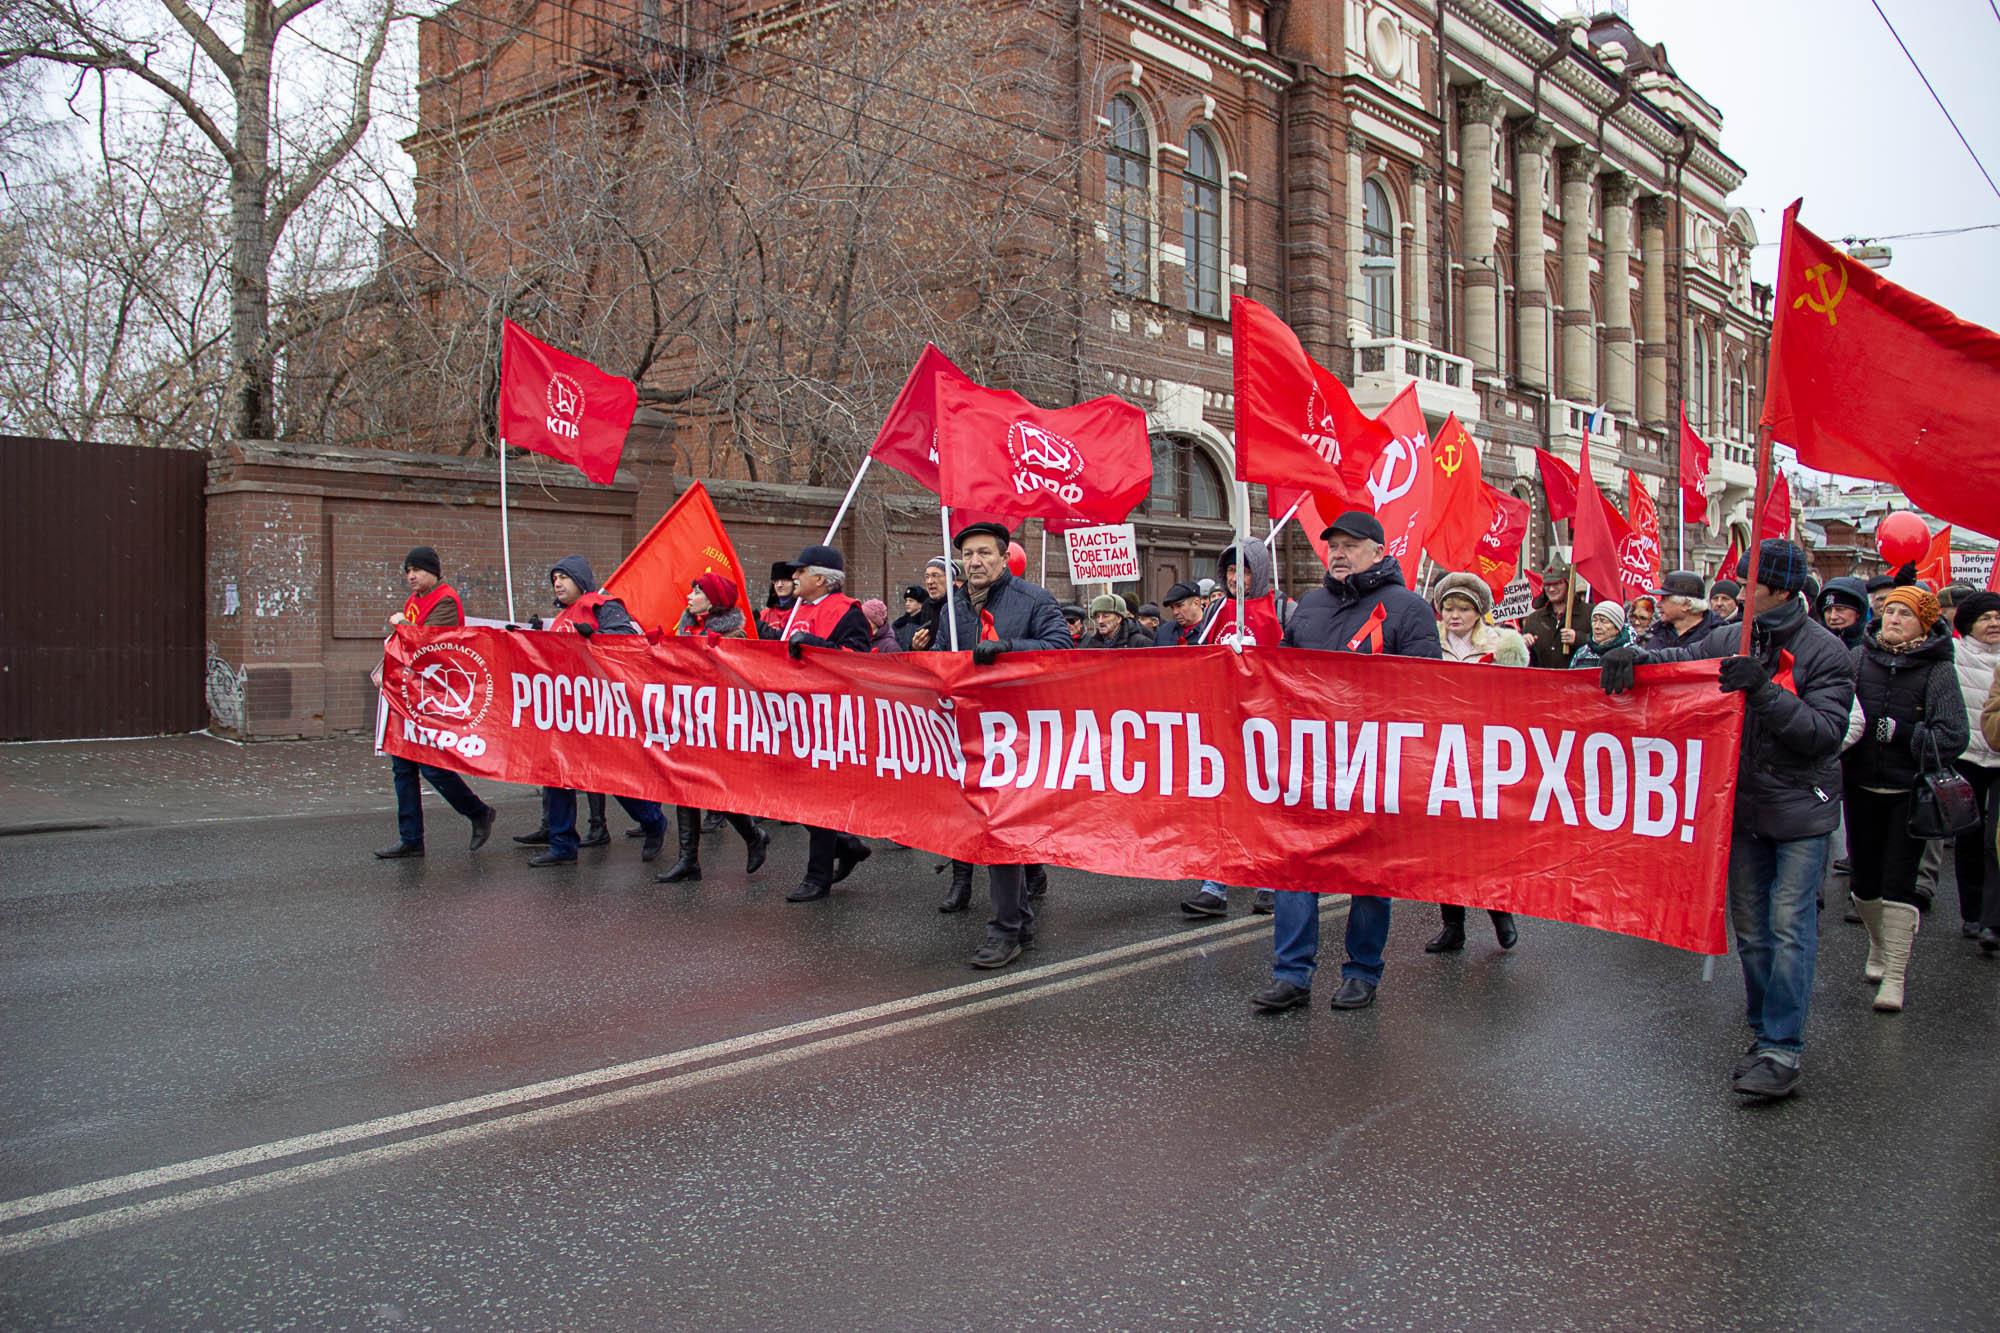 В Томской области прошли мероприятия, приуроченные к 102-й годовщине Великой Октябрьской социалистической революции.